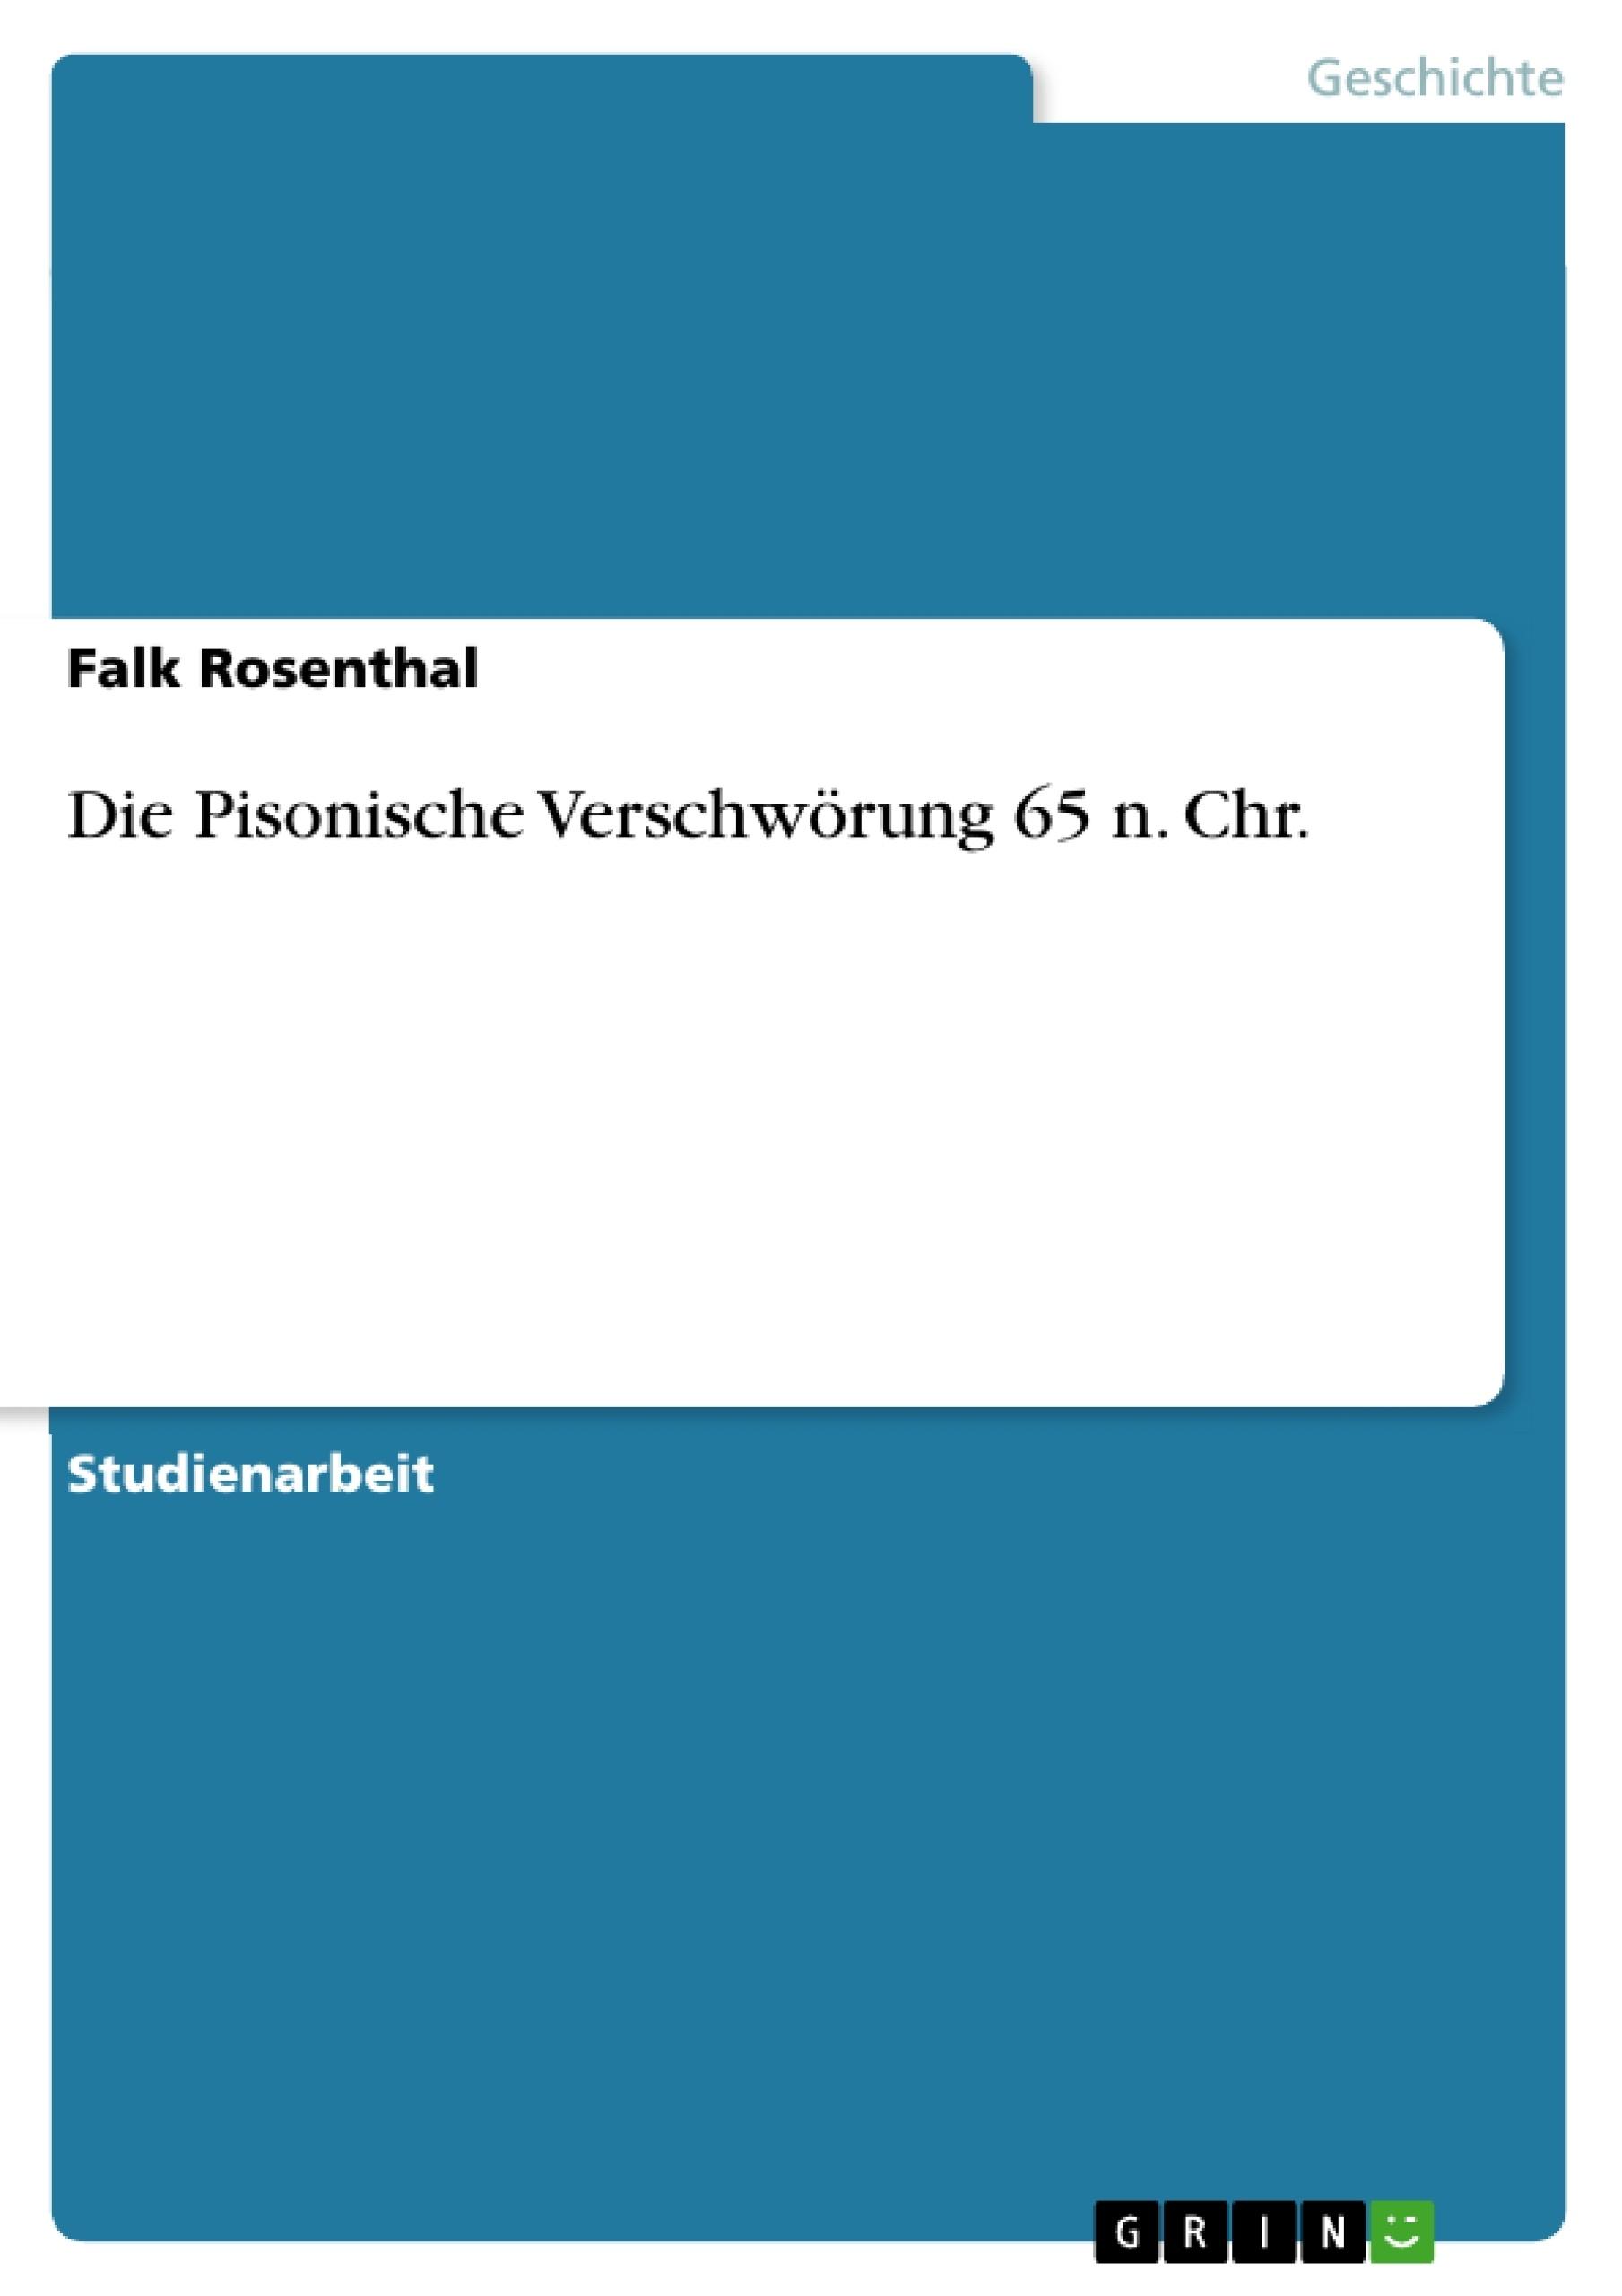 Titel: Die Pisonische Verschwörung 65 n. Chr.